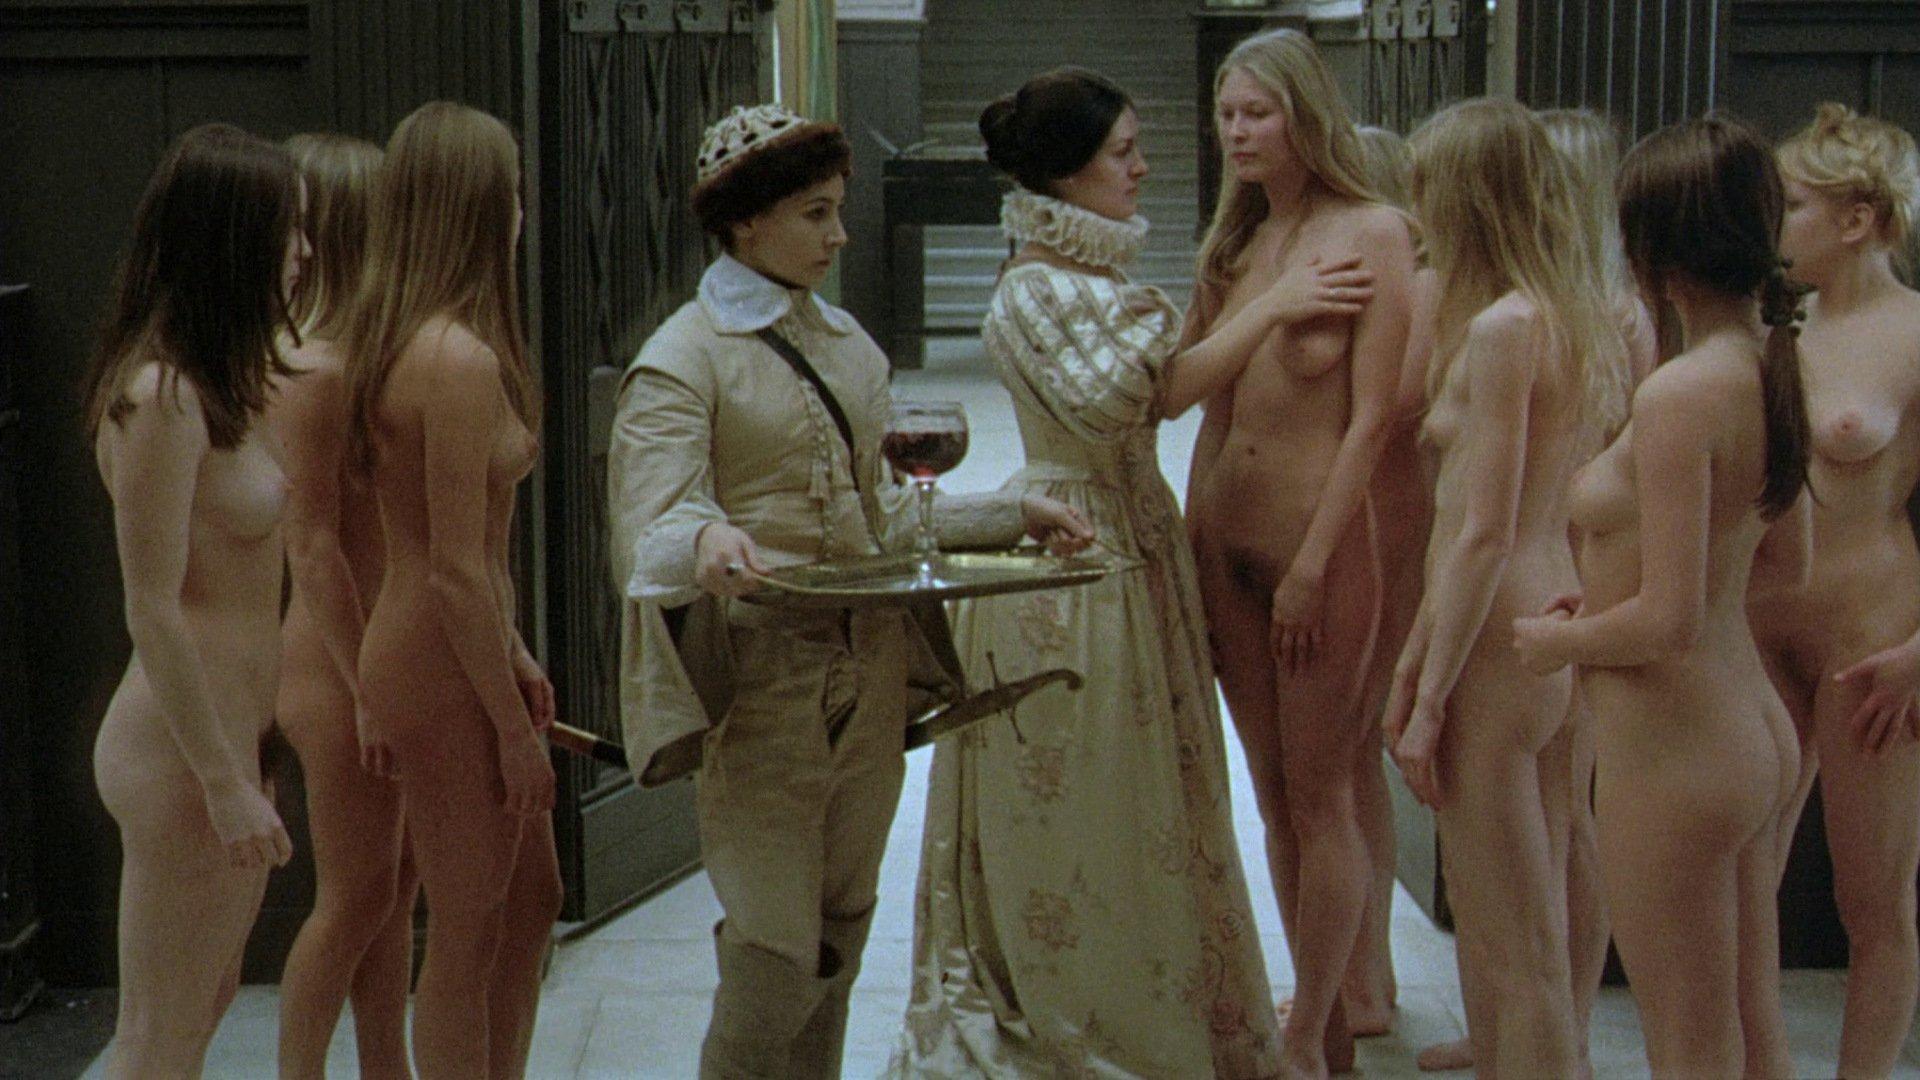 этого тоже голые из художественных фильмов они стараются